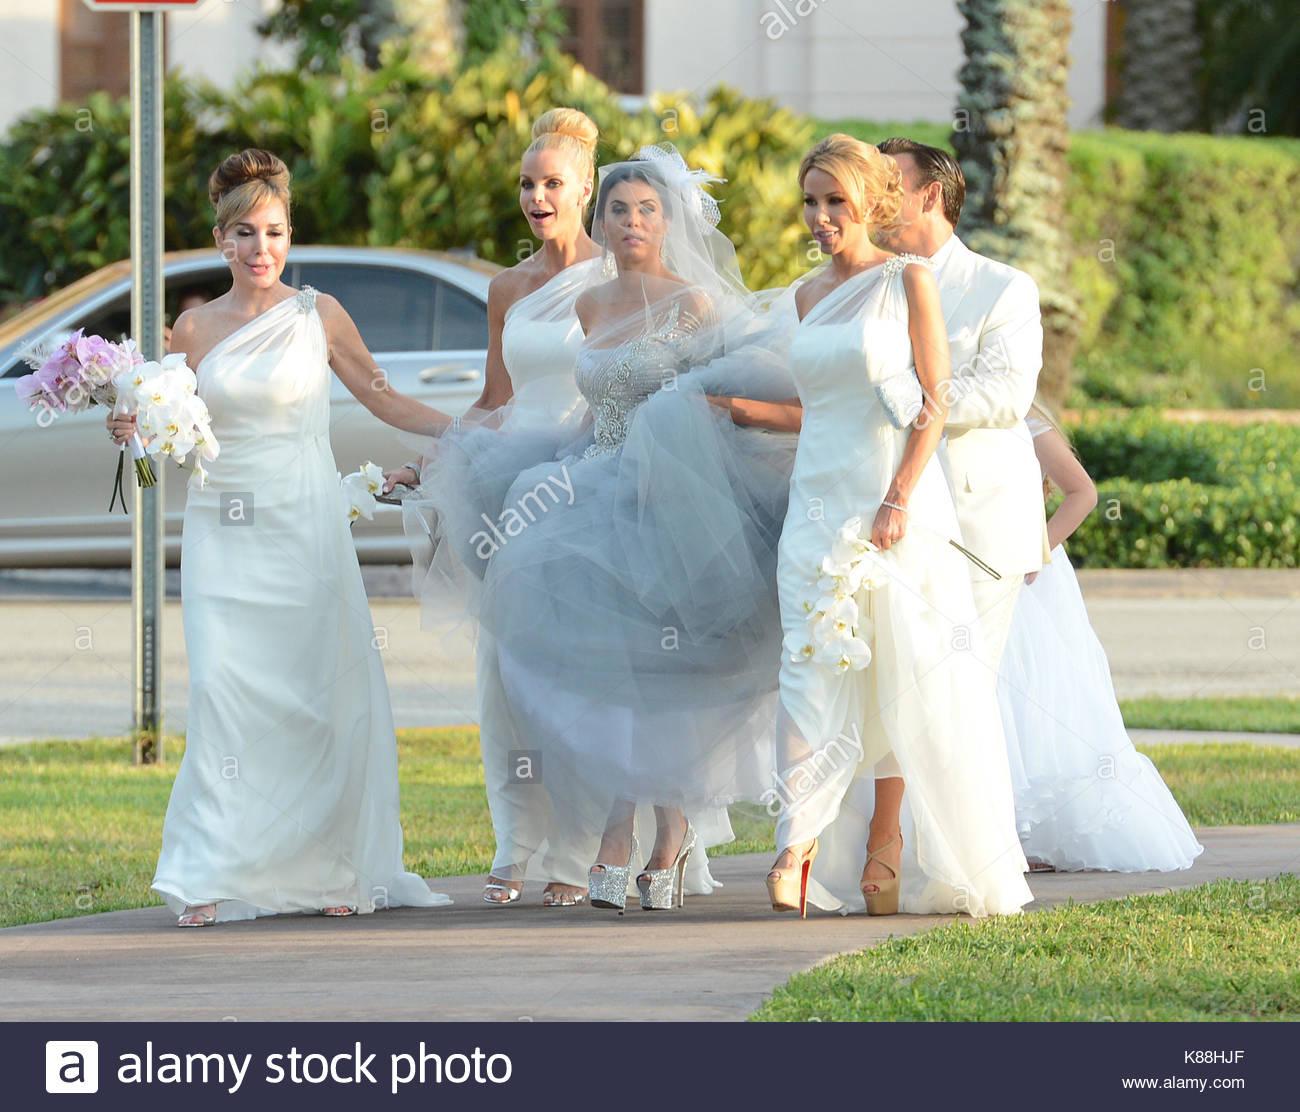 Adriana de moura wedding dress designer – Ficta dresses gallery